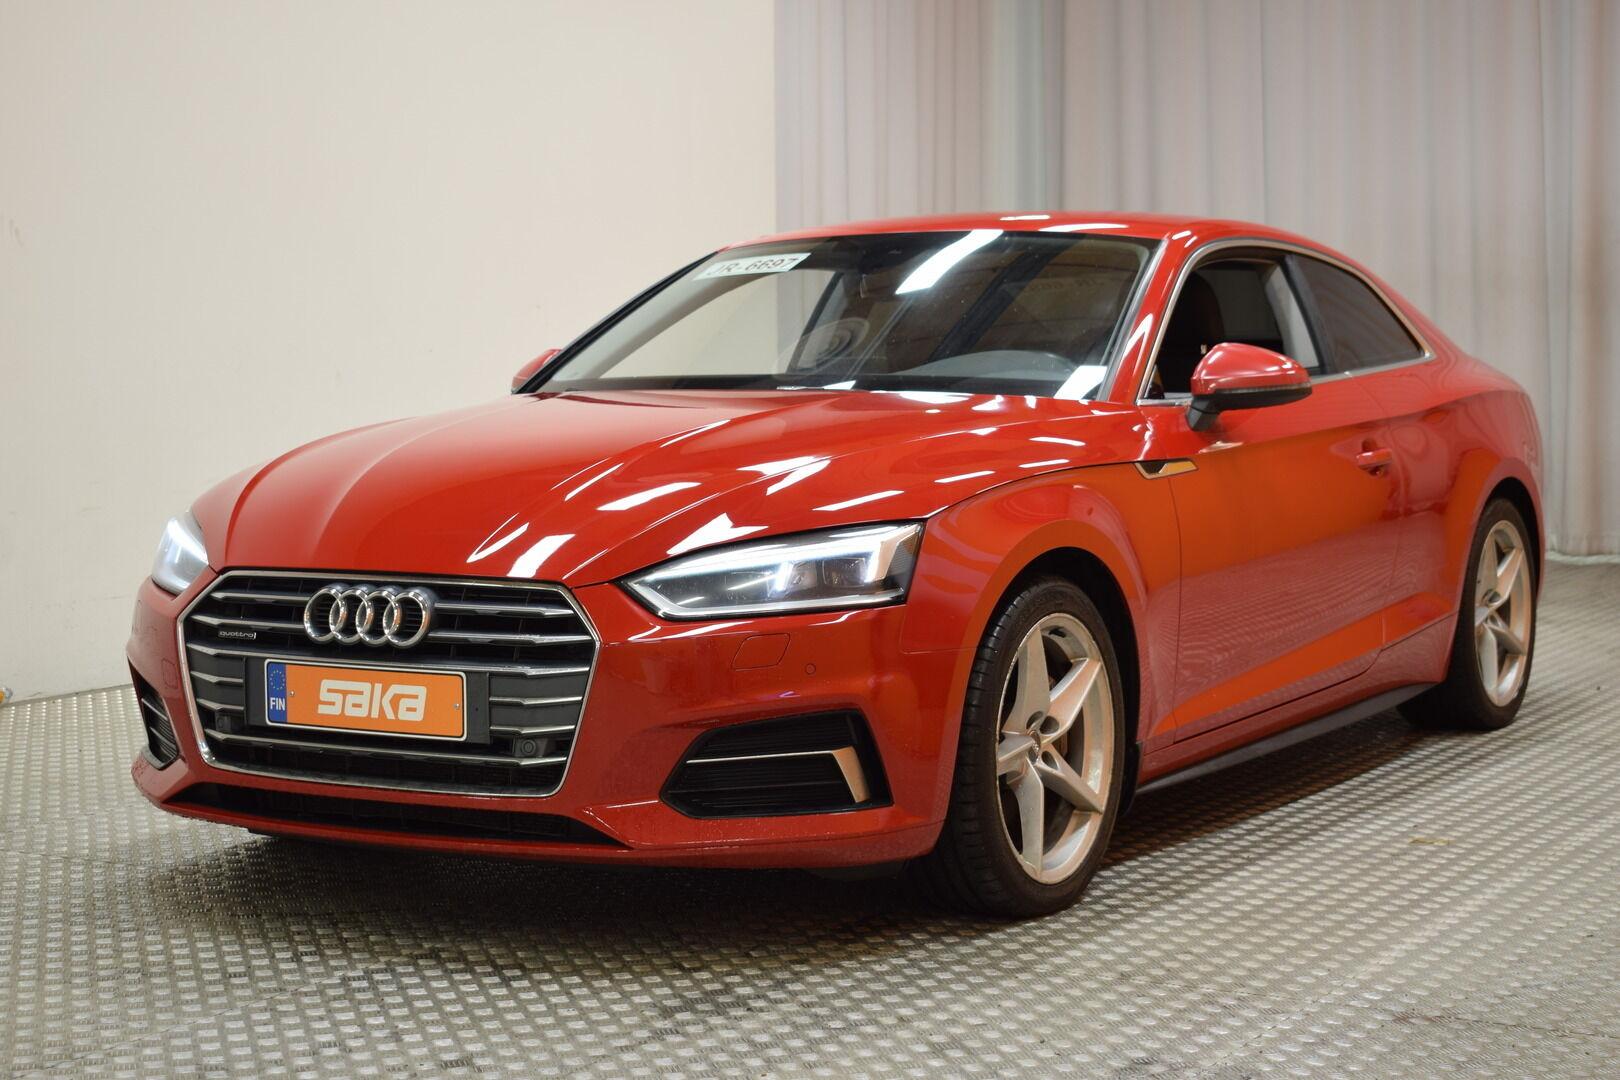 Punainen Coupe, Audi A5 – KON-06797, kuva 2